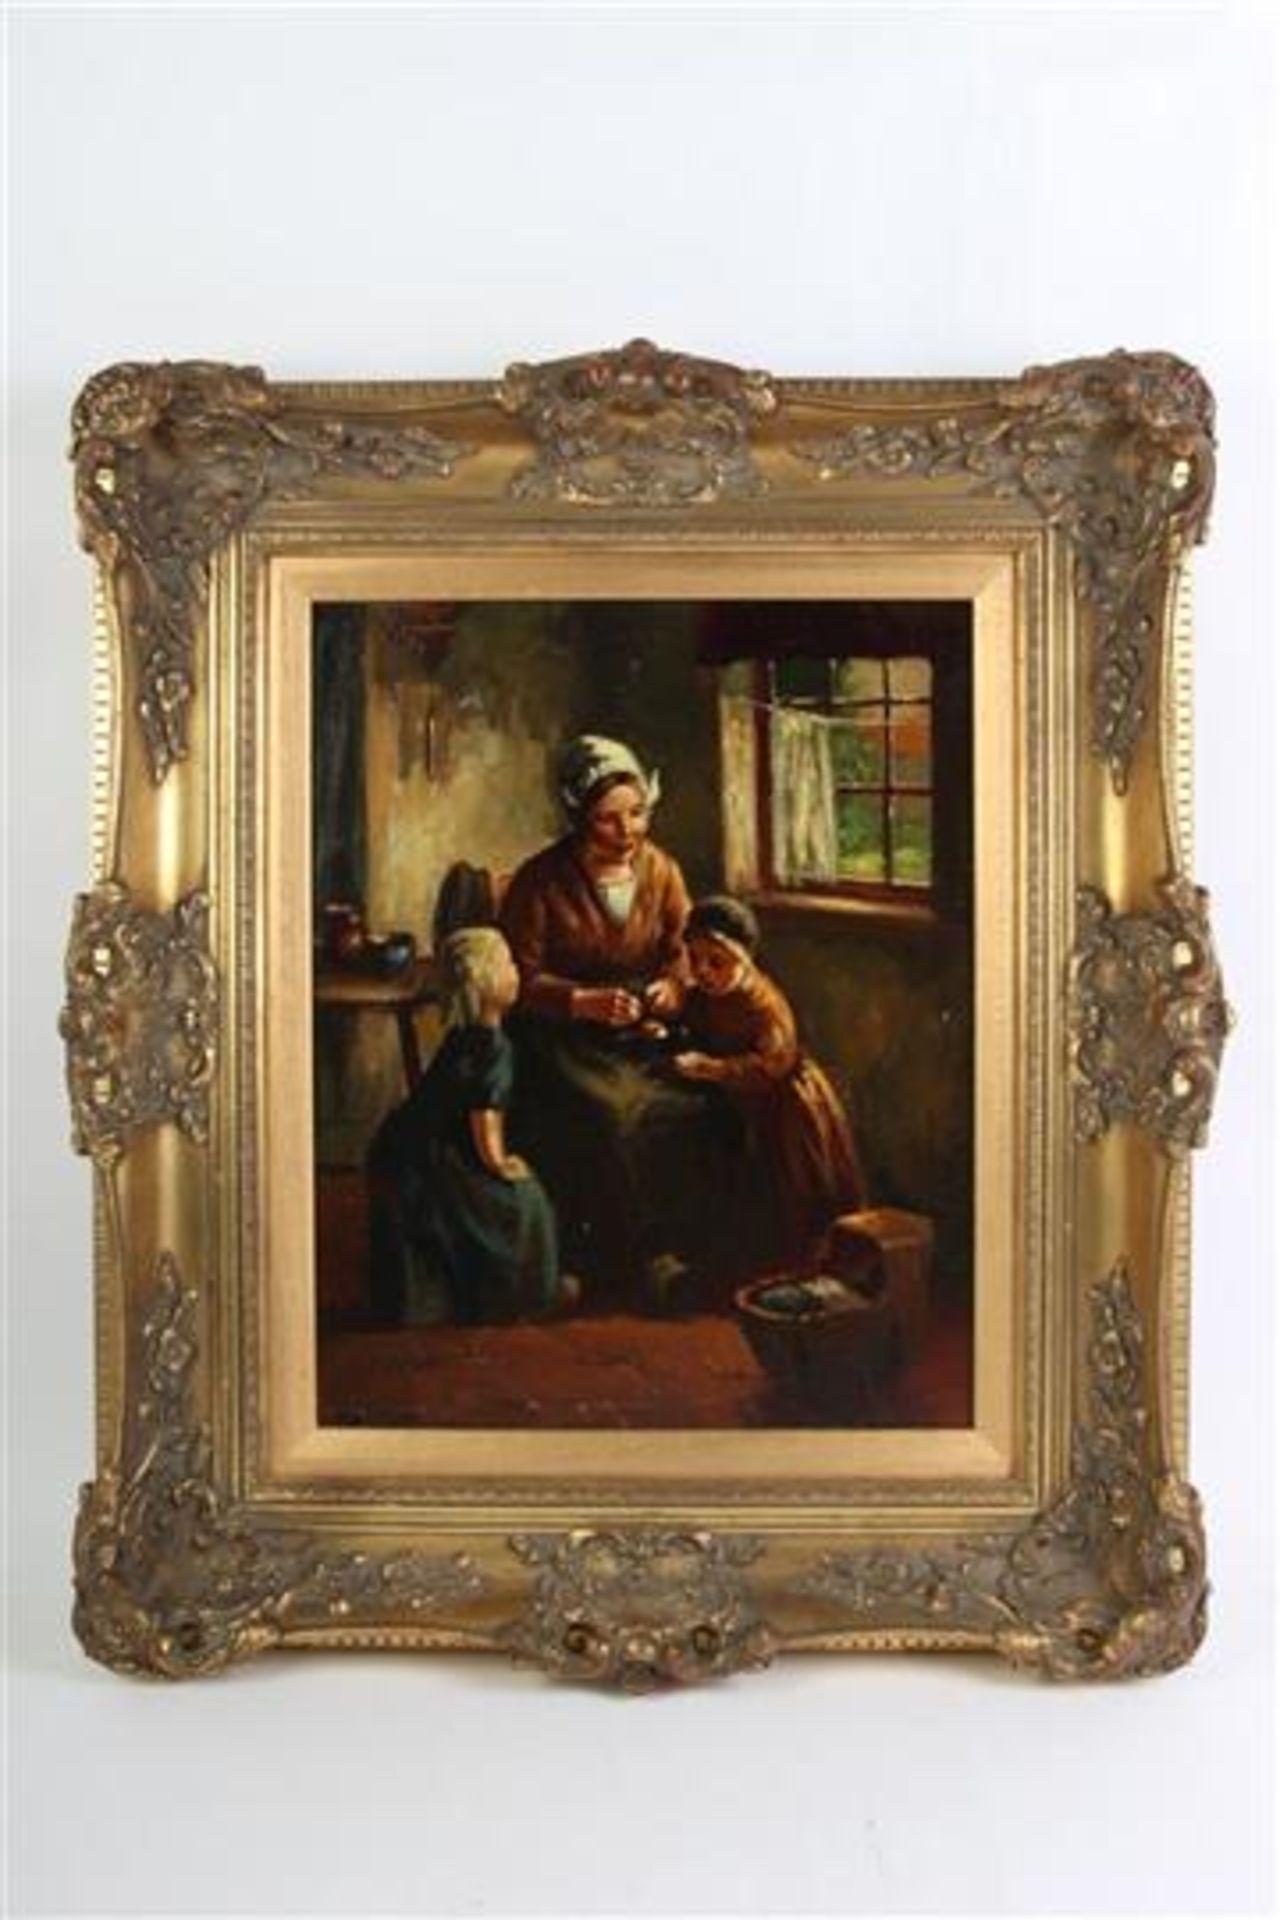 Schilderij, olieverf op doek, 'Interieur'. Henk van Leeuwen (1890-1972) HxB: 50 x 40 cm.